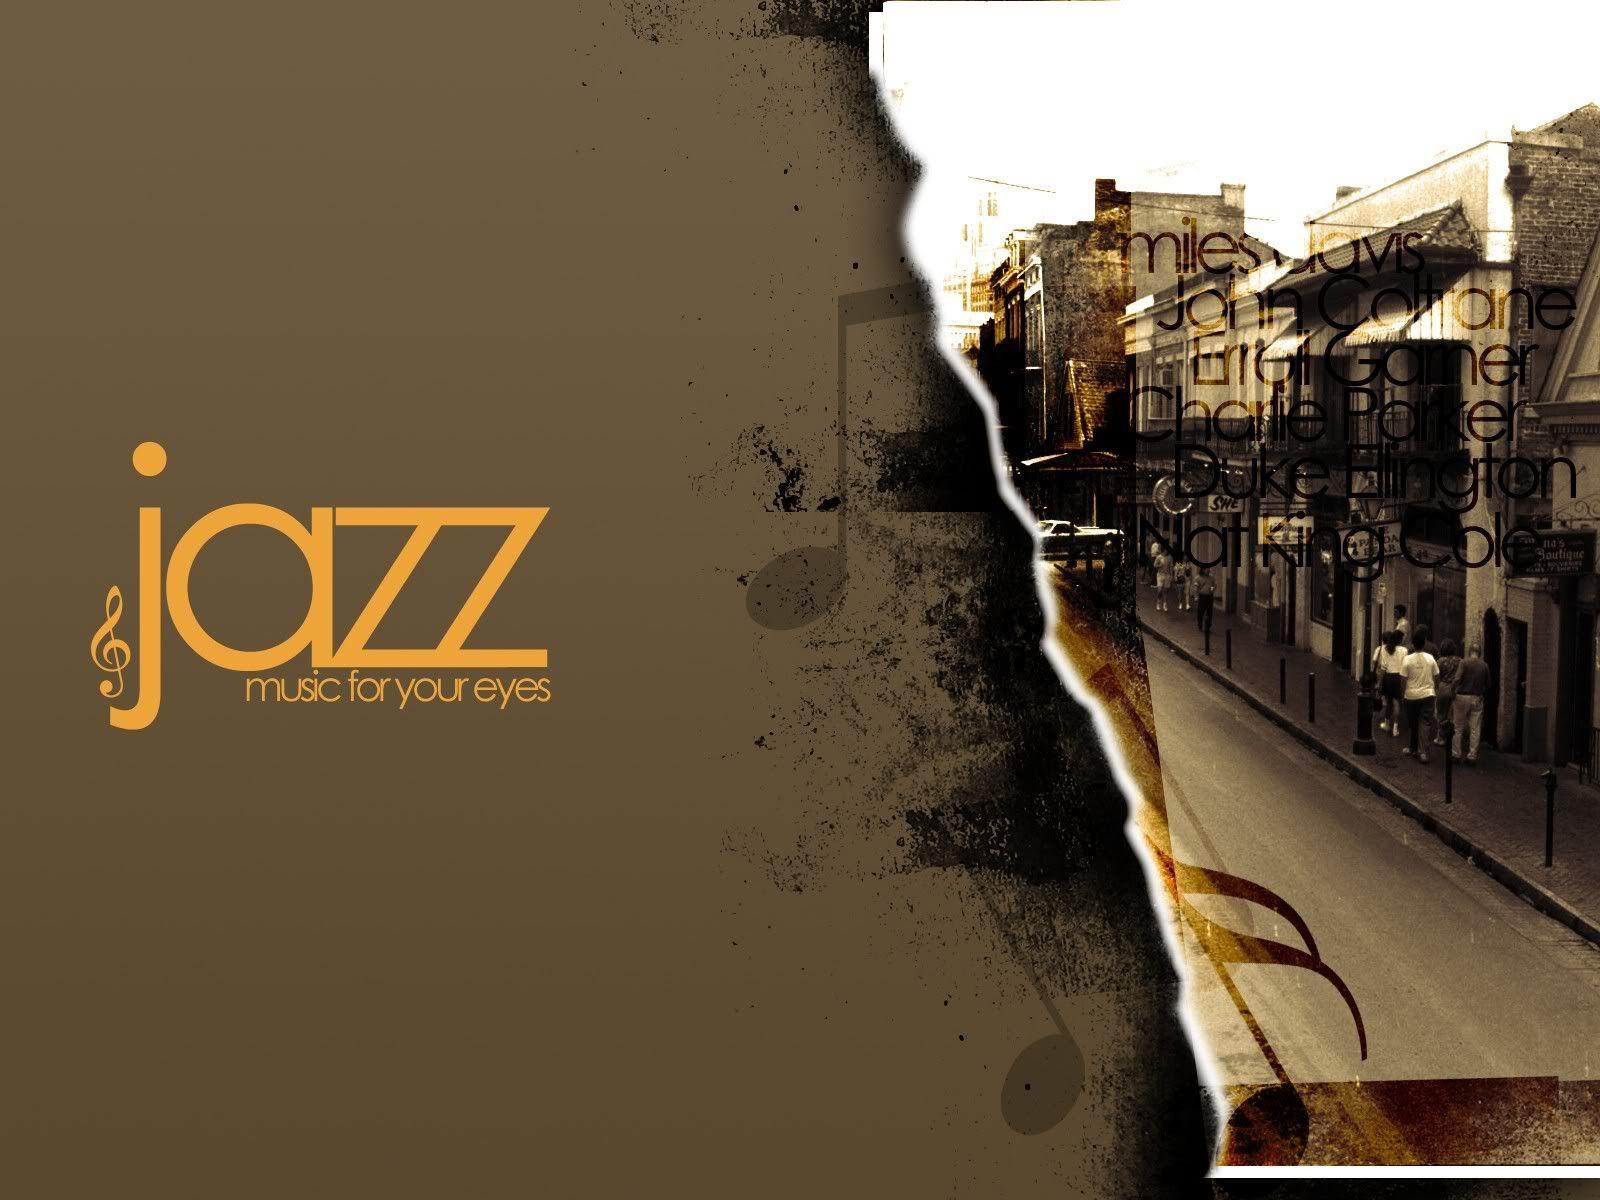 how to make jazz music